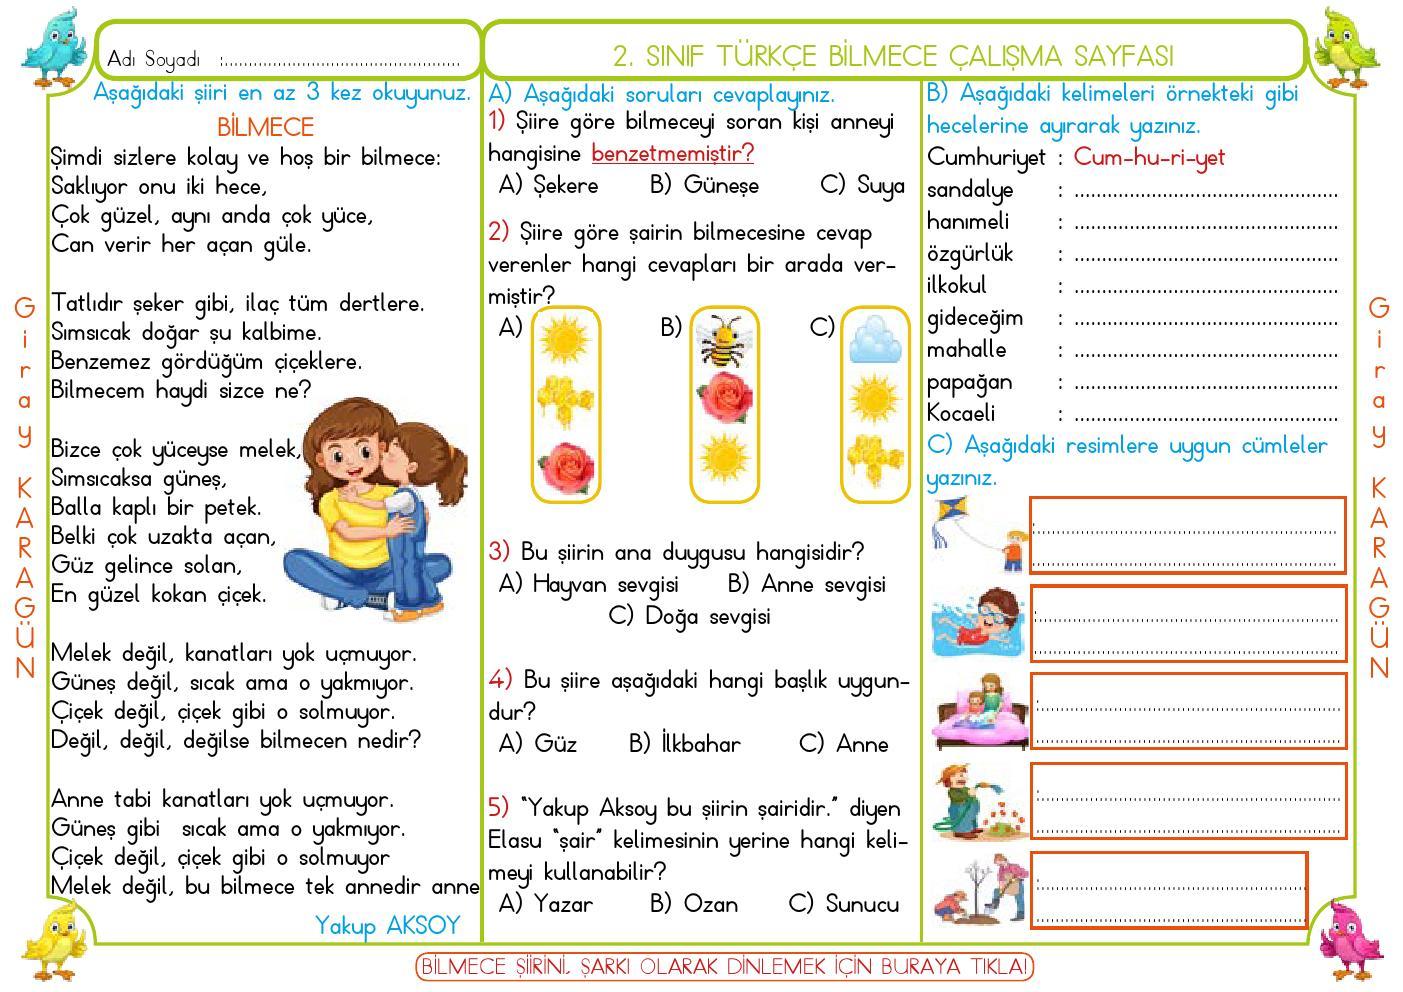 2. Sınıf Türkçe Bilmece Çalışma Sayfası (Telefon,tablette yazılabilir)